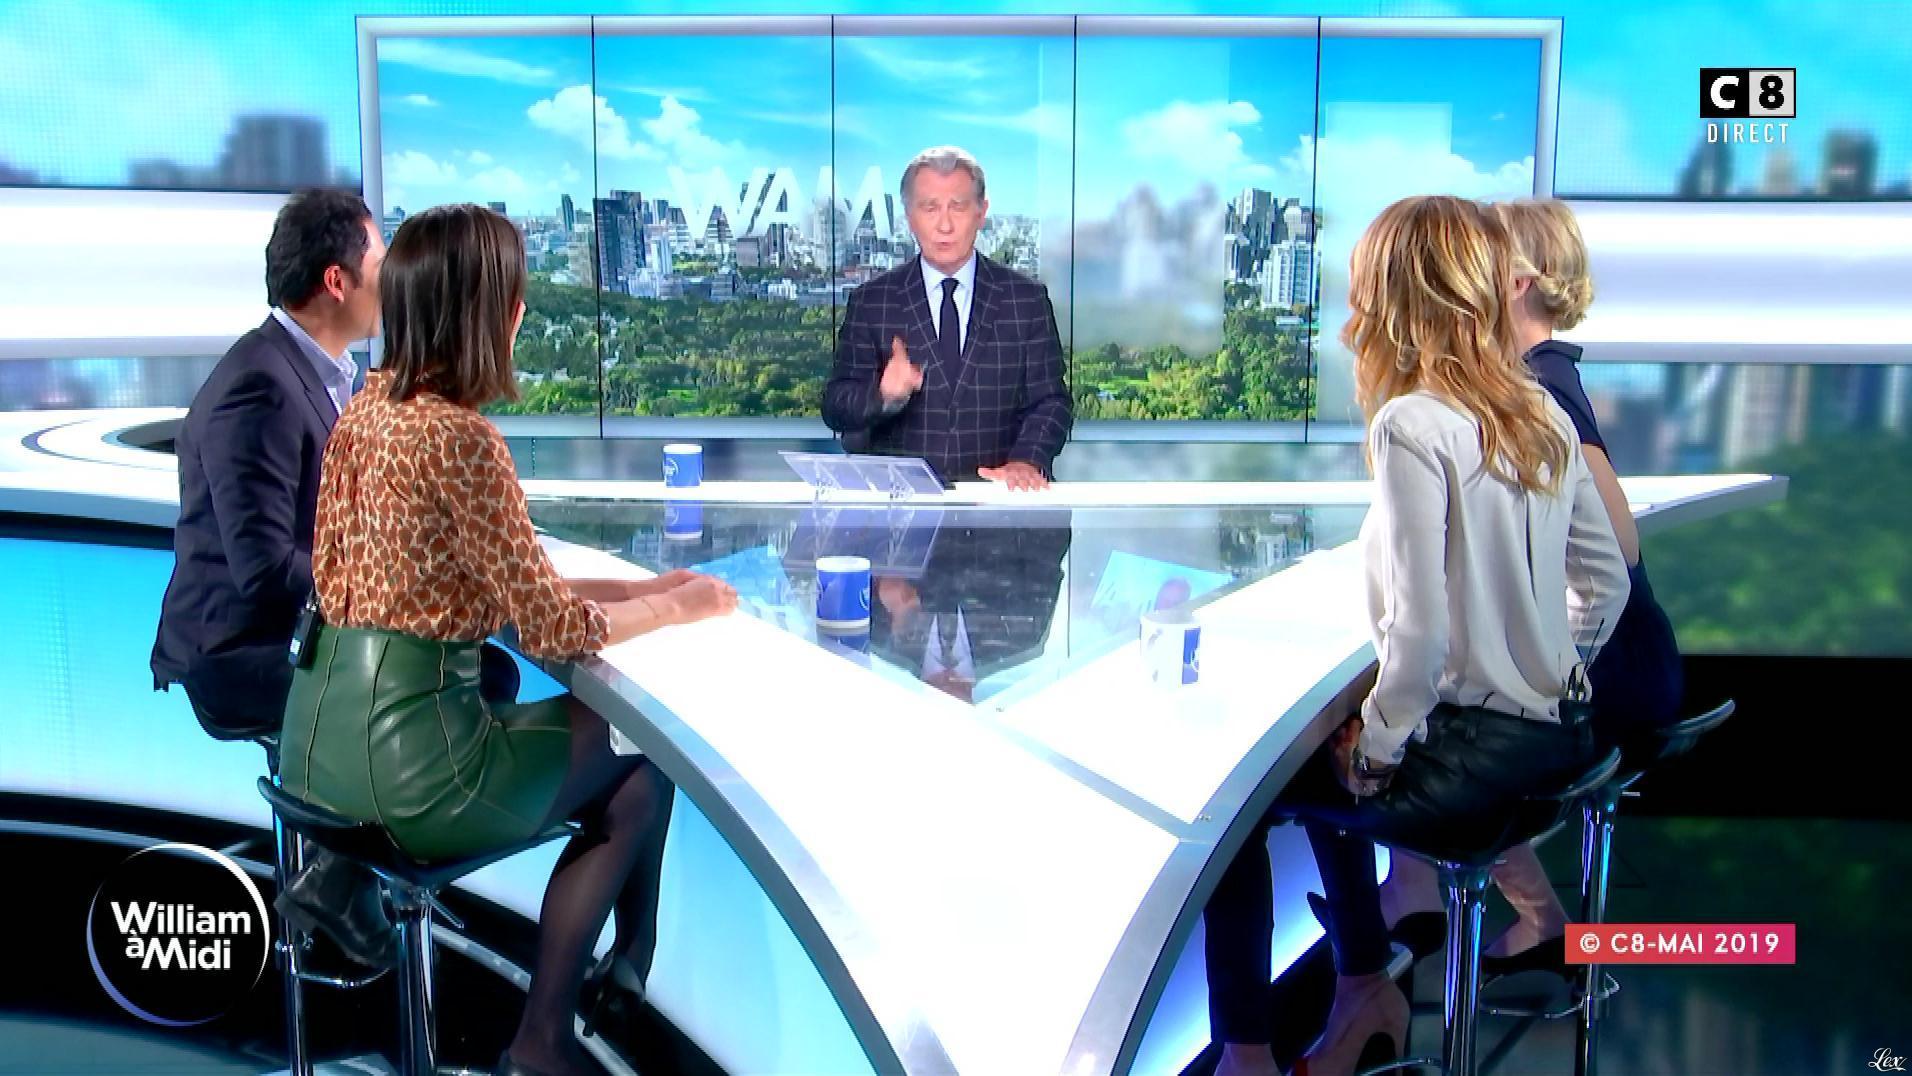 Raphaële Marchal et Rachel Bourlier dans William à Midi. Diffusé à la télévision le 15/05/19.